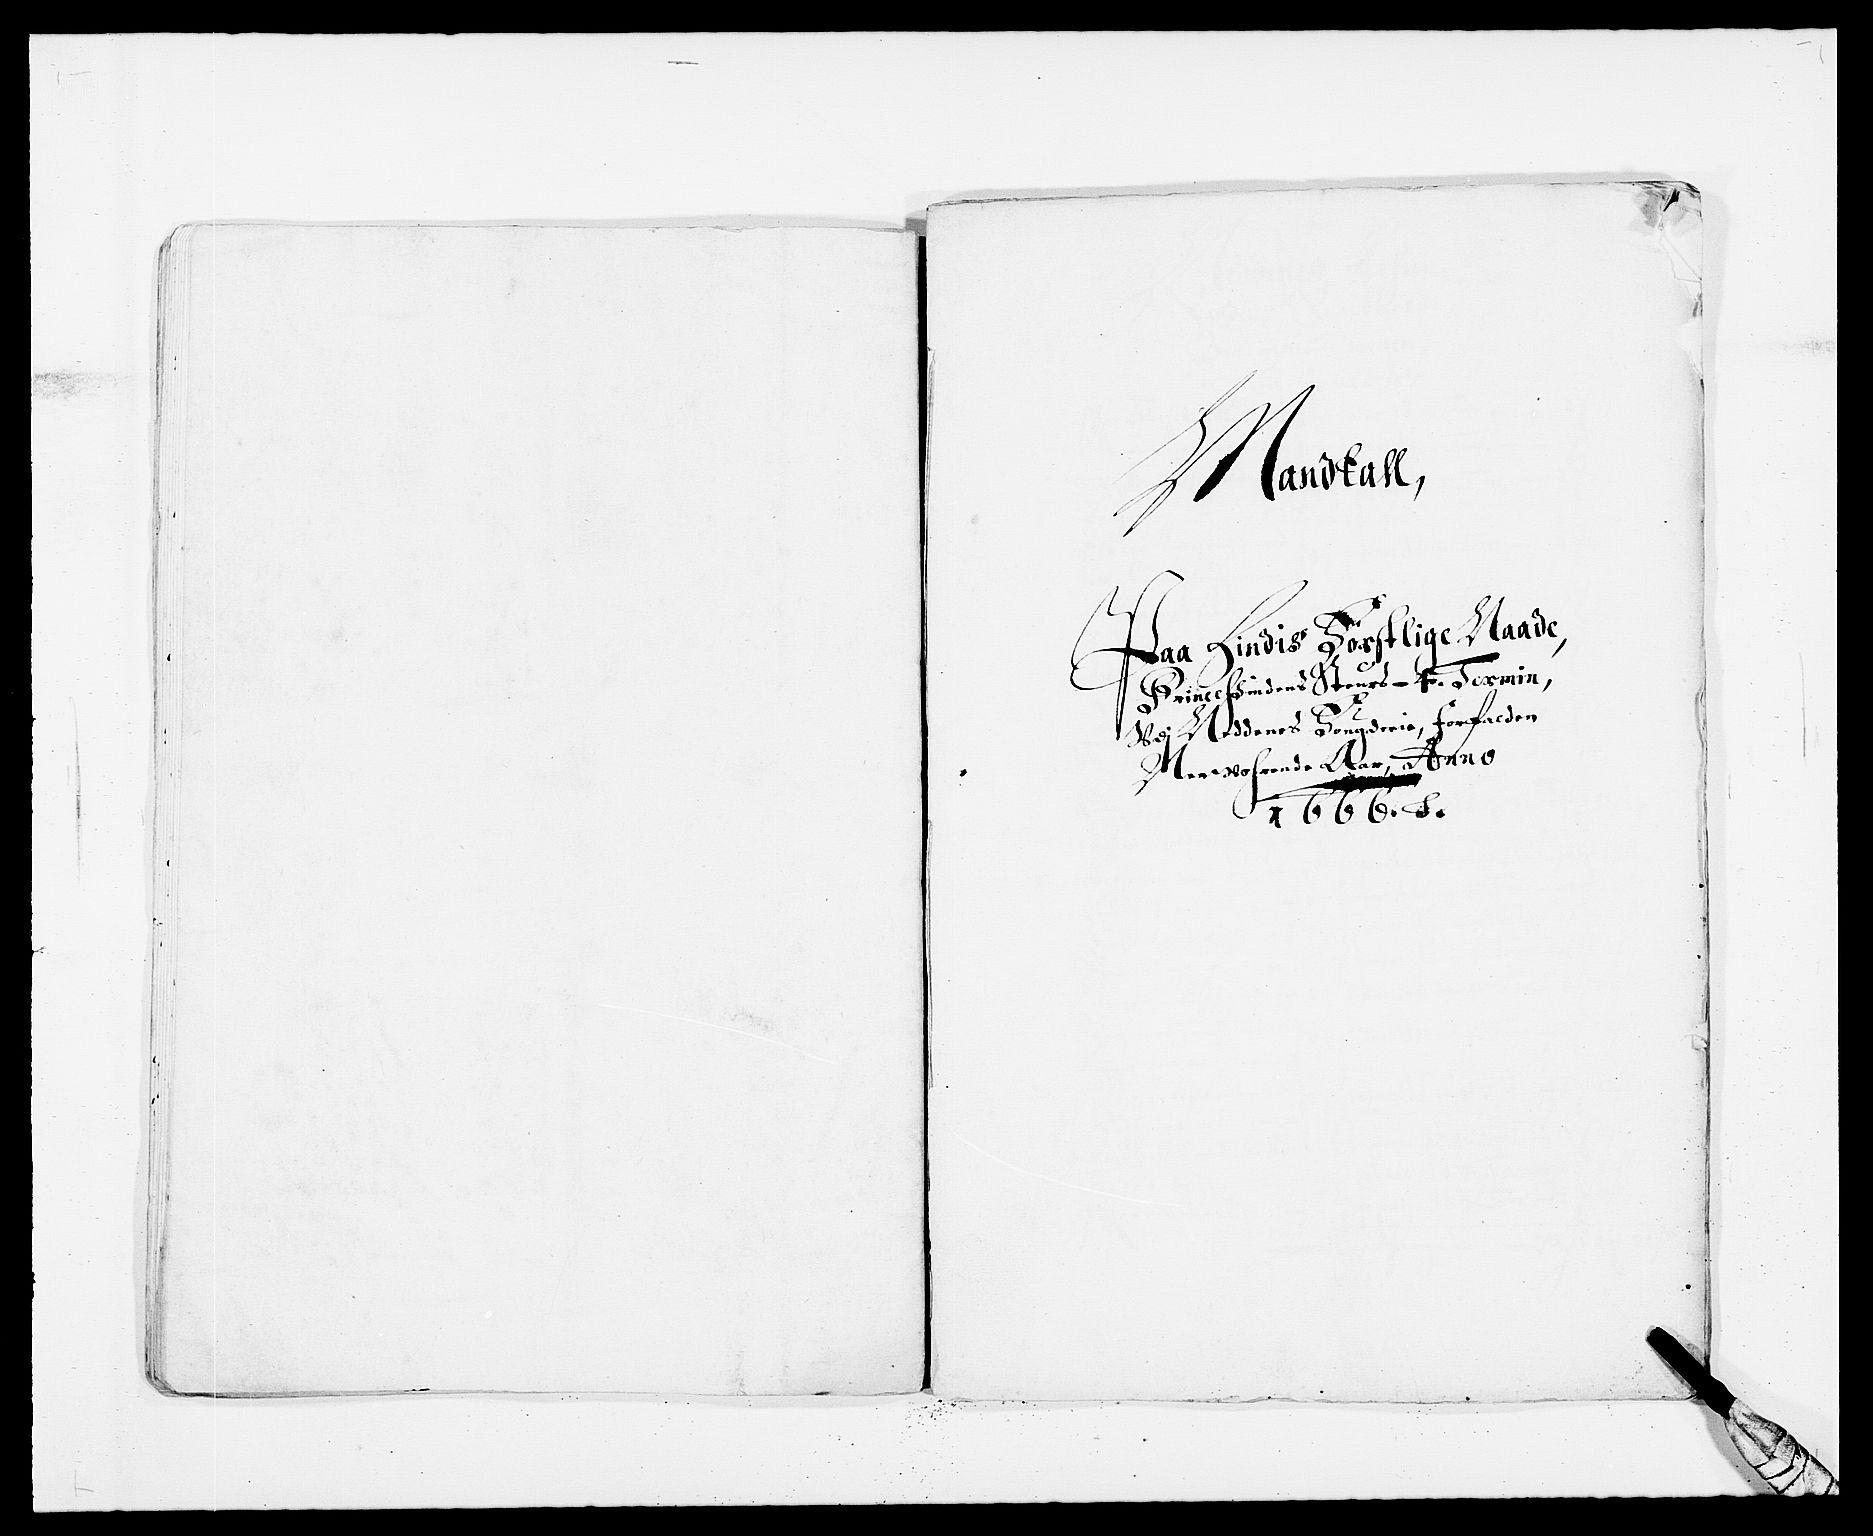 RA, Rentekammeret inntil 1814, Reviderte regnskaper, Fogderegnskap, R39/L2296: Fogderegnskap Nedenes, 1664-1666, s. 409